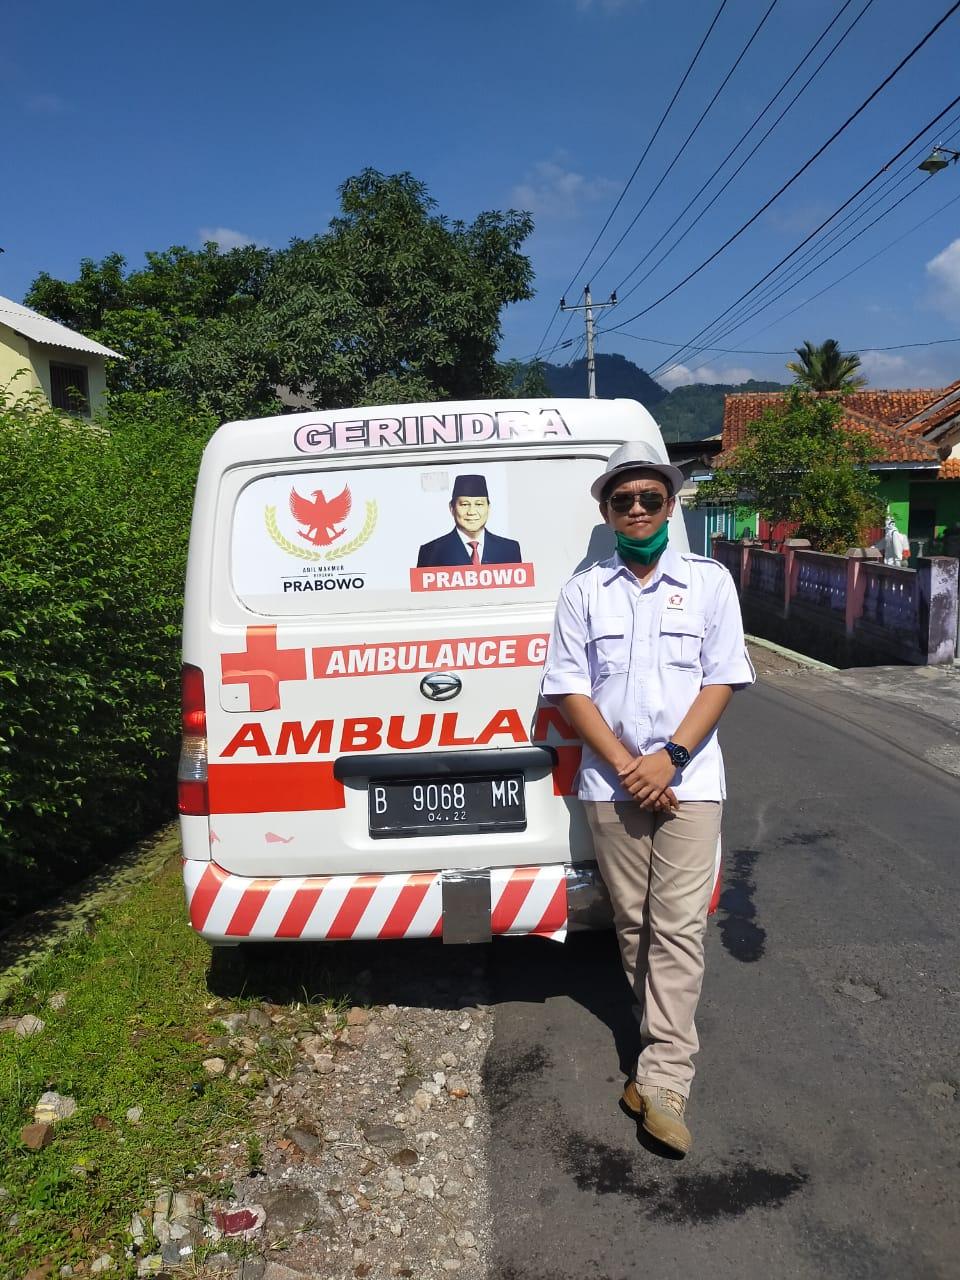 Mobil Ambulance / Ambulans Kesehatan Indonesia Raya (KESIRA) Partai Gerakan Indonesia Raya (Gerindra) Kabupaten Semarang Provinsi Jawa Tengah (Jateng) Republik Indonesia (RI) atau Negara Kesatuan Republik Indonesia (NKRI)